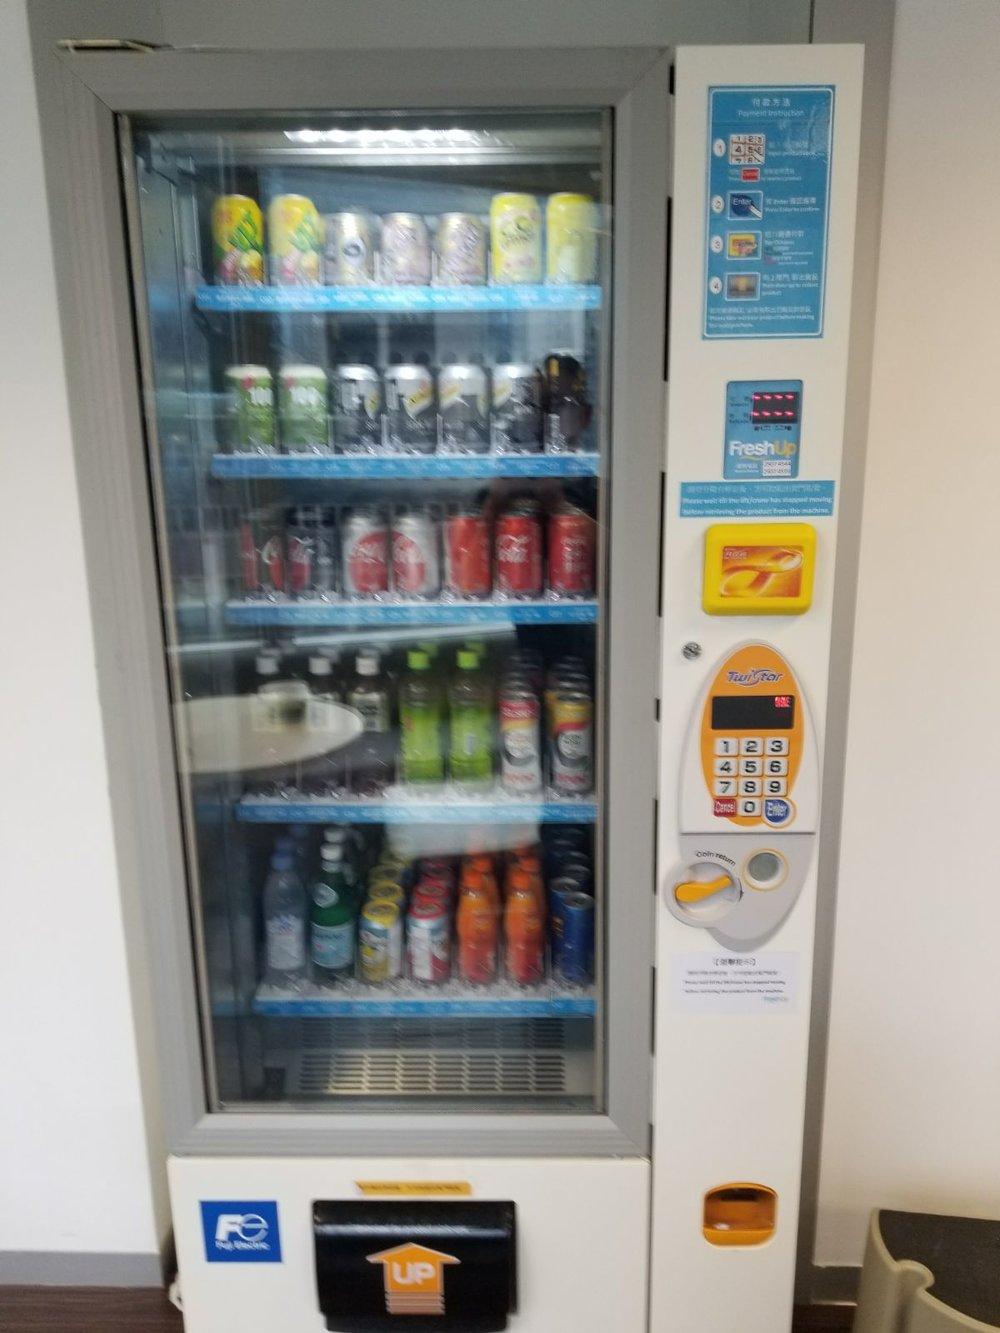 FreshUp,自動售賣機,自動販賣機,零食,飲品,方便,快捷,智能,投資銀行,辦公室,寫字樓,澳大利亞和紐西蘭銀行集團有限公司